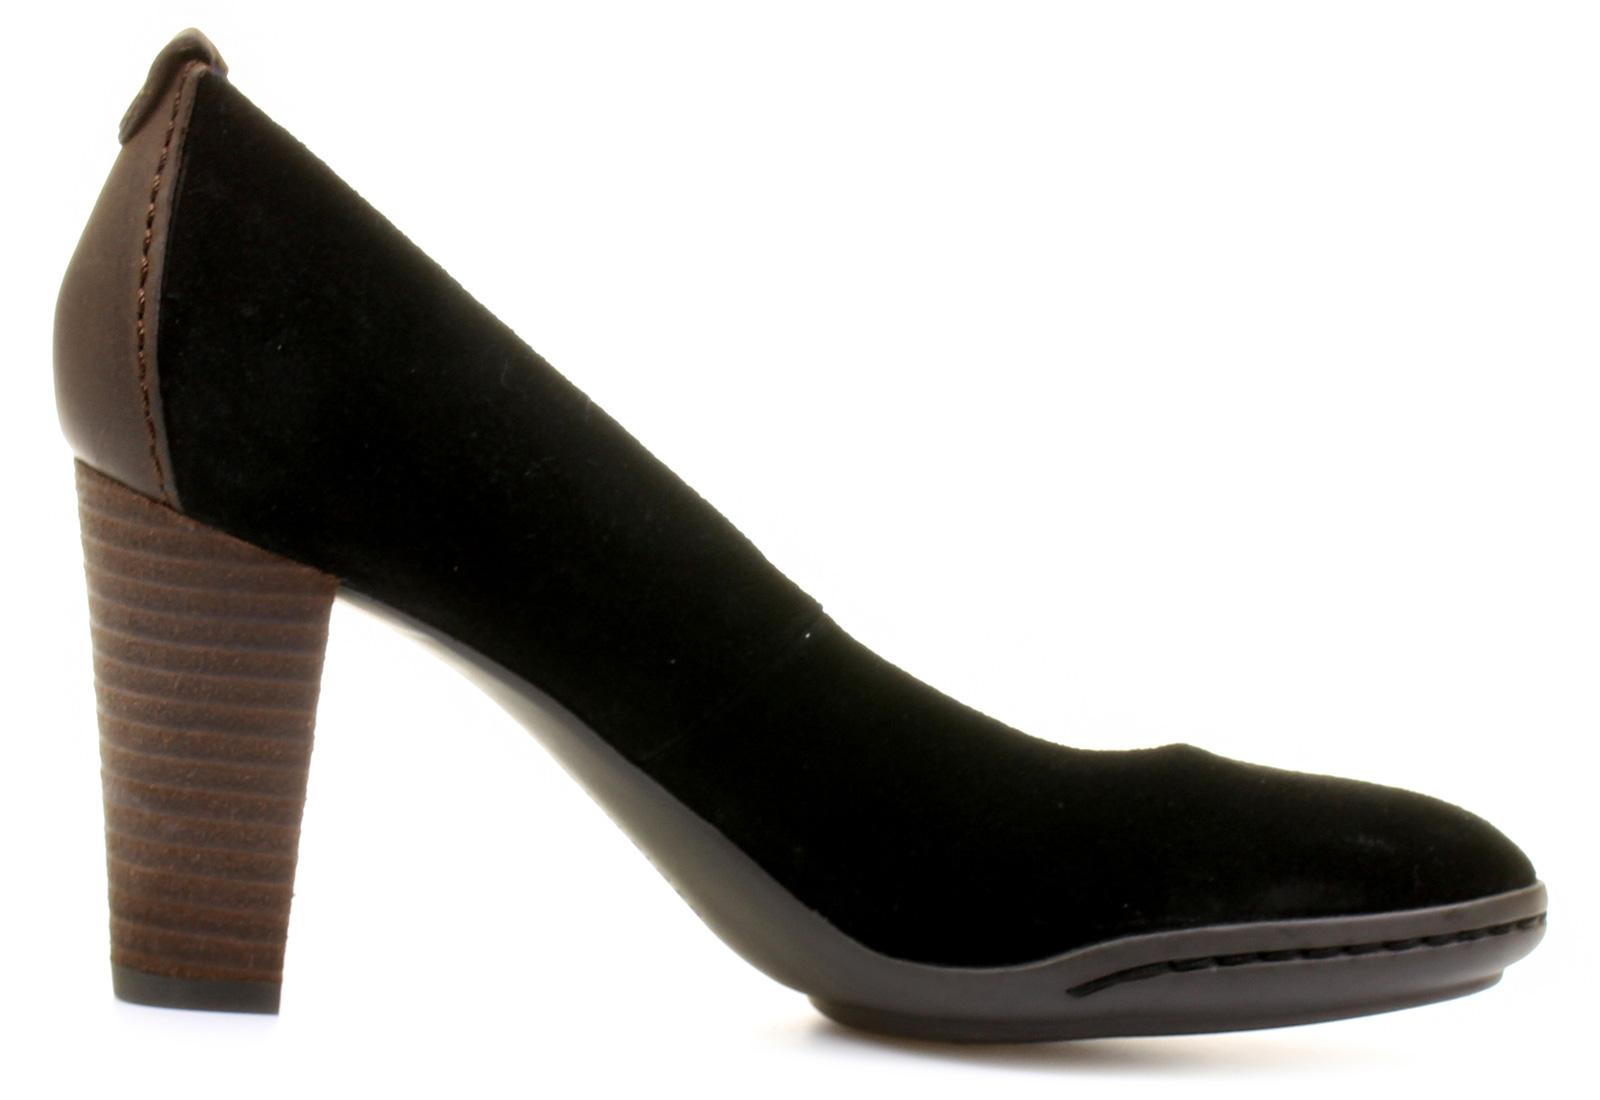 tommy hilfiger high heels nicole 1 b 13f 5988 990. Black Bedroom Furniture Sets. Home Design Ideas